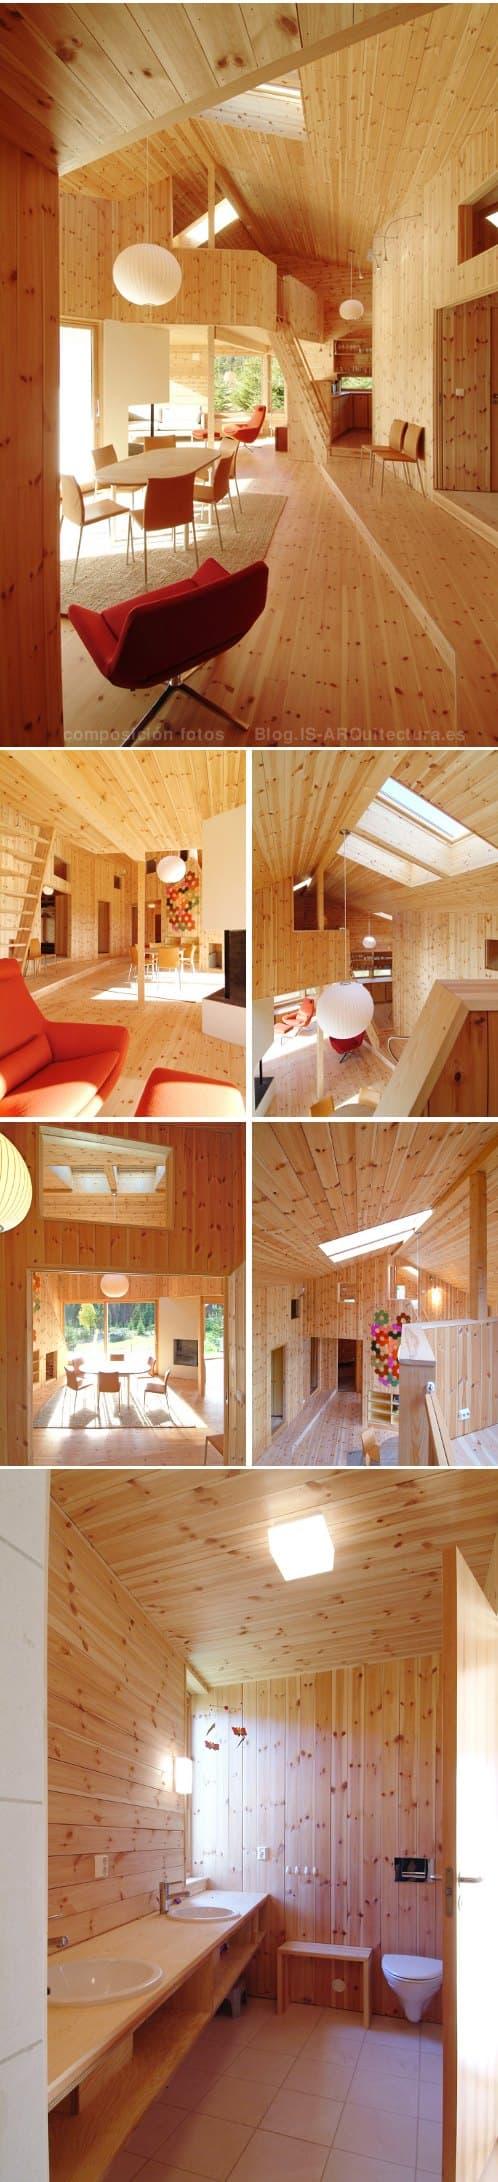 nordmarka-cabaña-madera-noruega fotos del interior